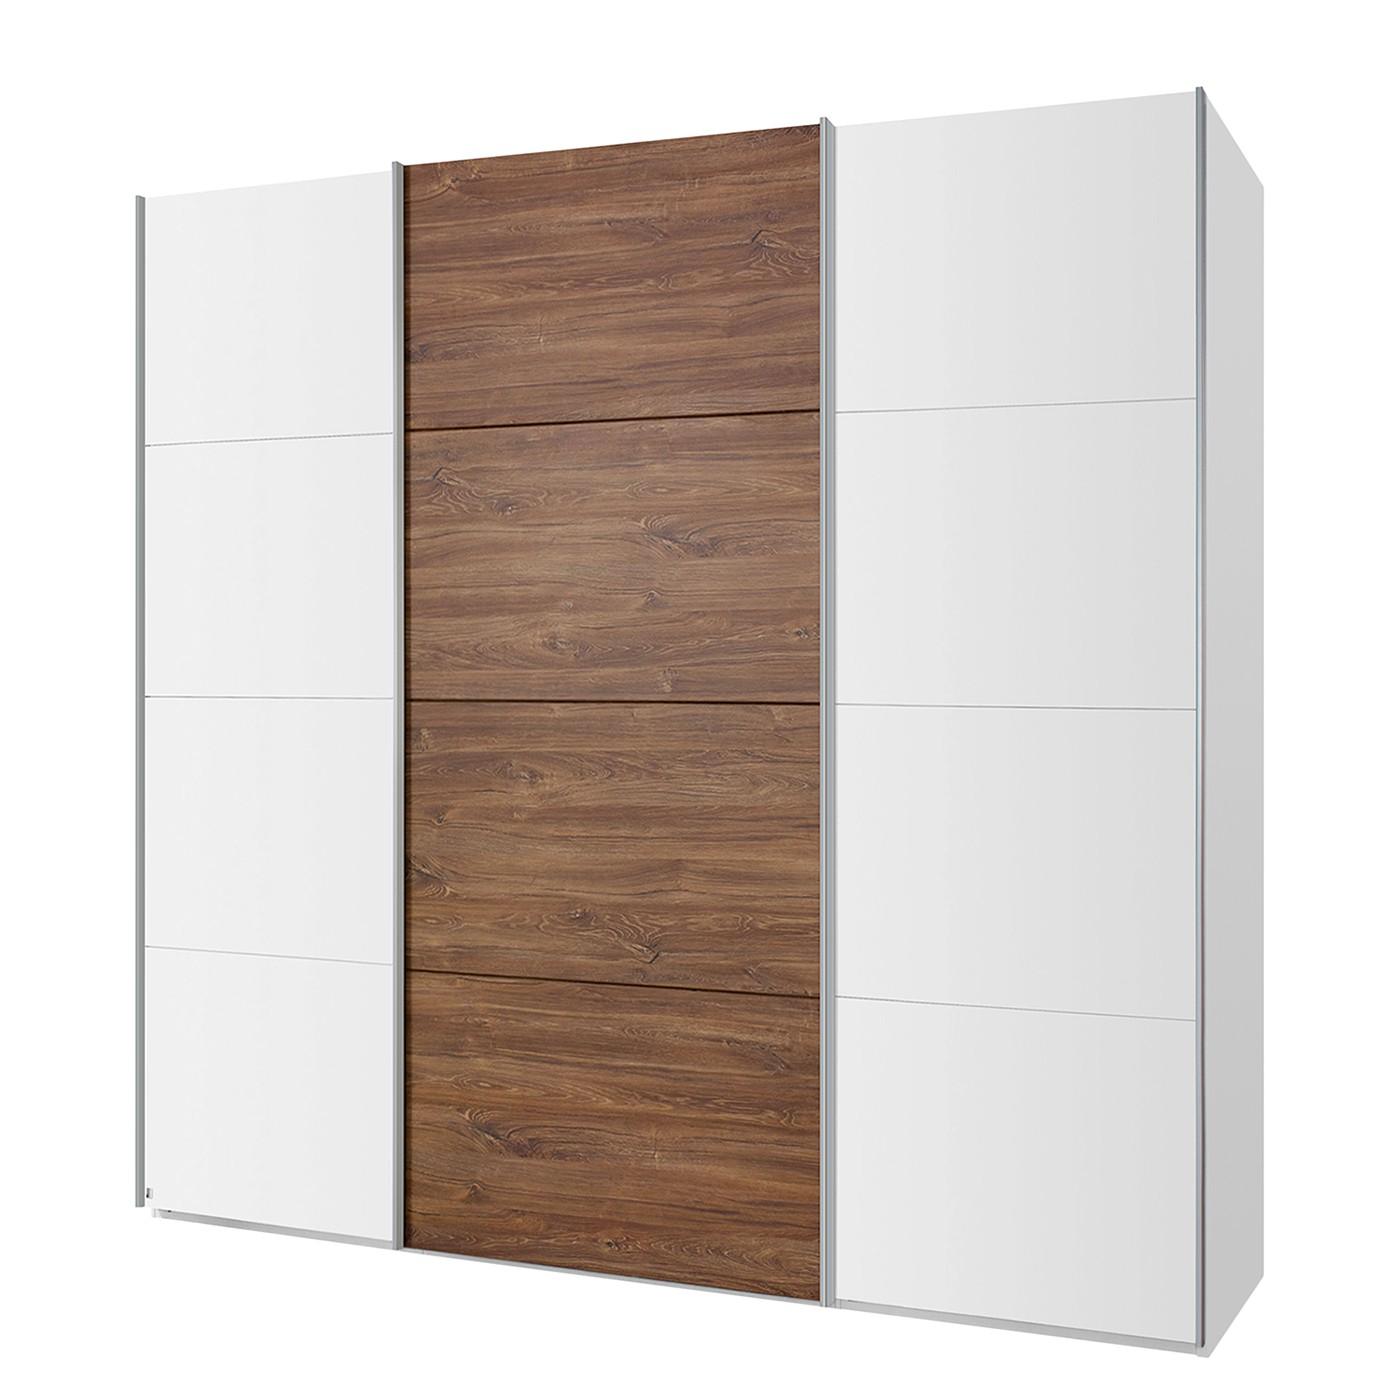 Home 24 - Armoire à portes coulissantes skØp - 270 cm (3 portes) - 236 cm - basic, skØp